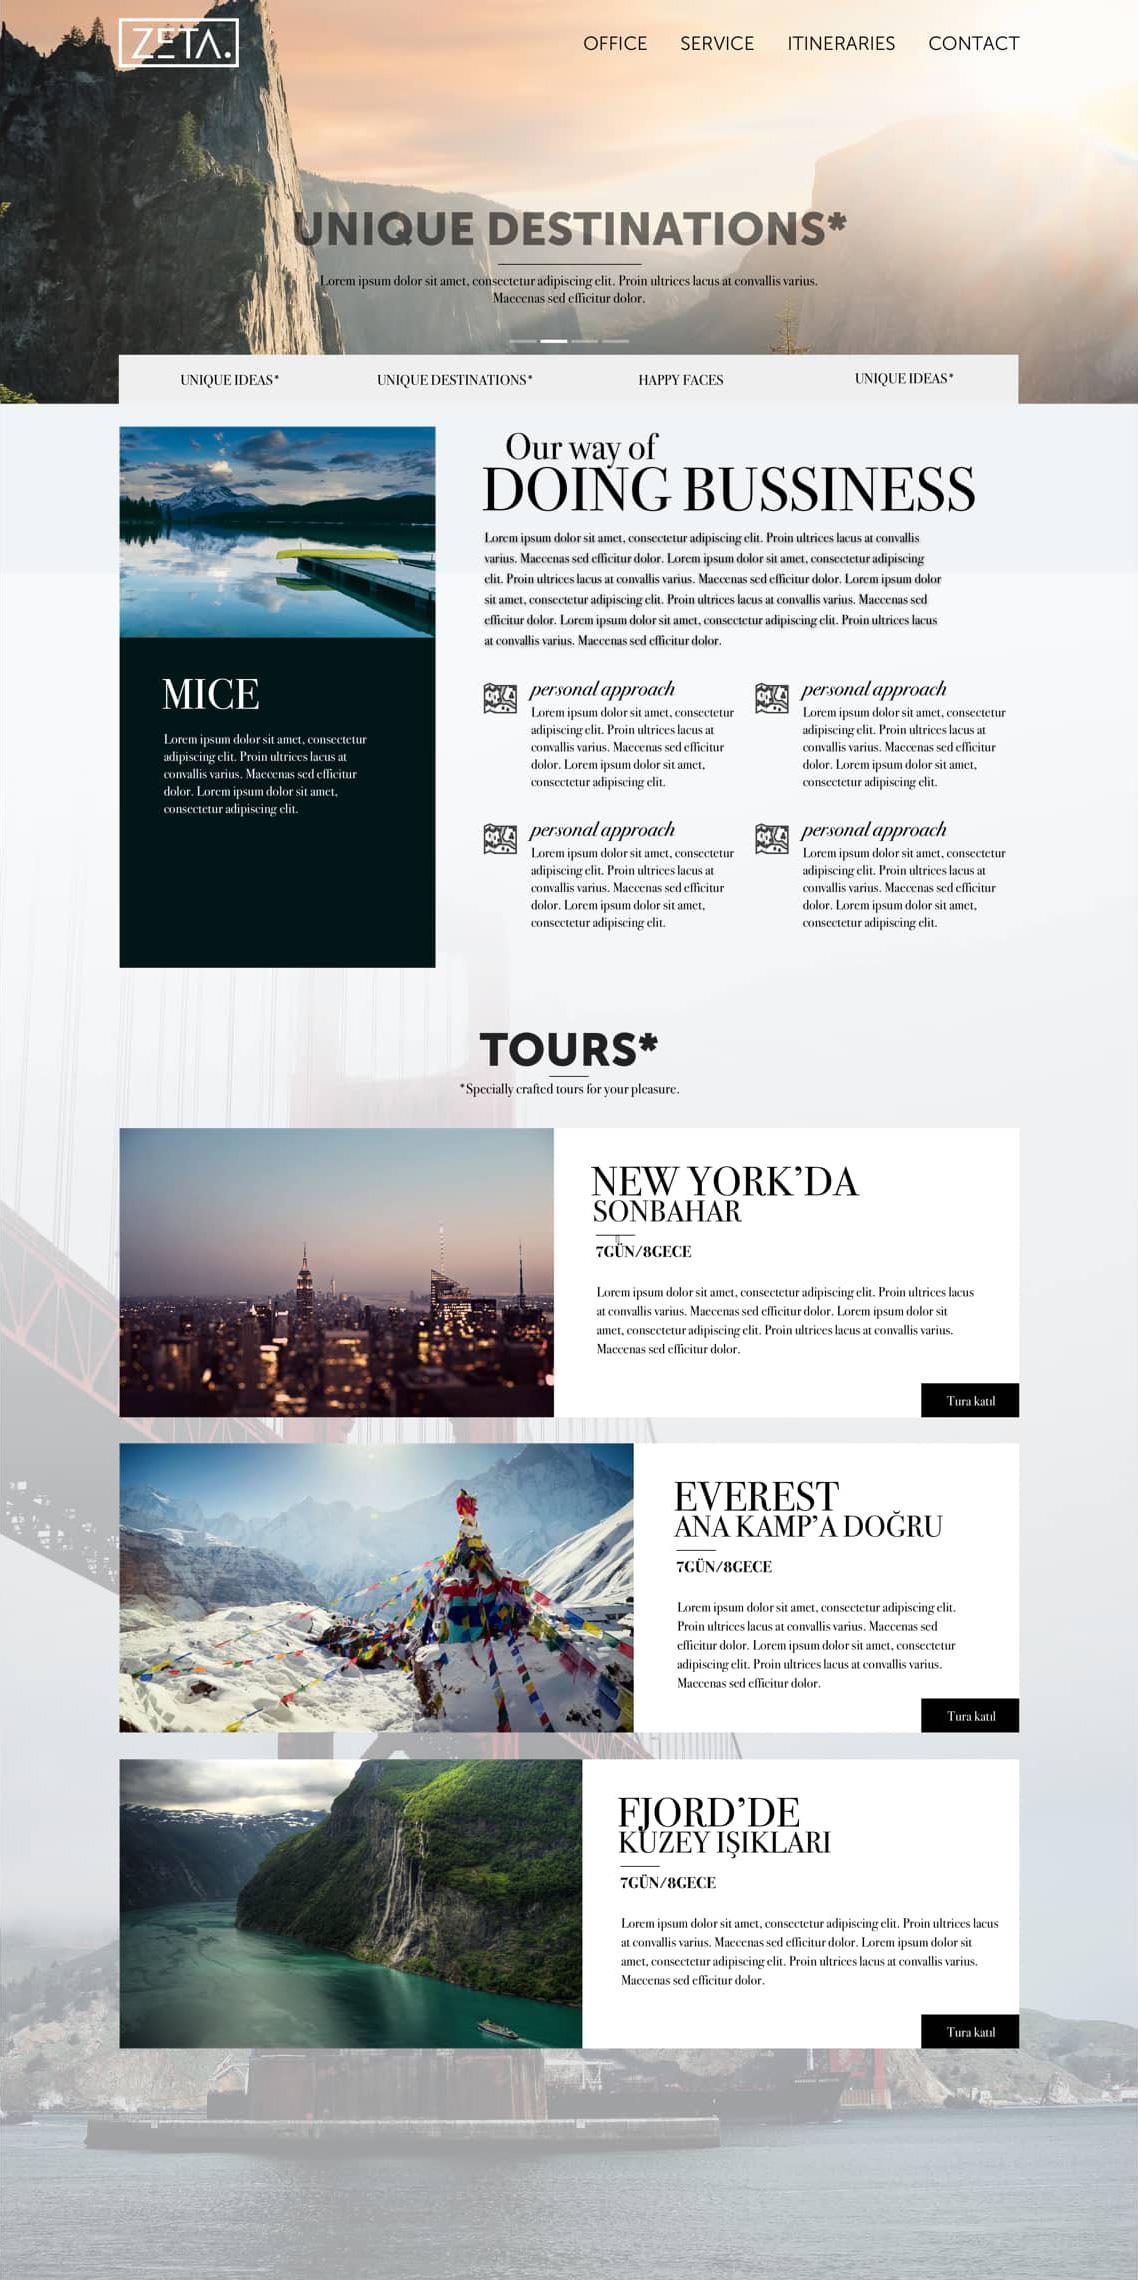 Web Site Design for Zeta